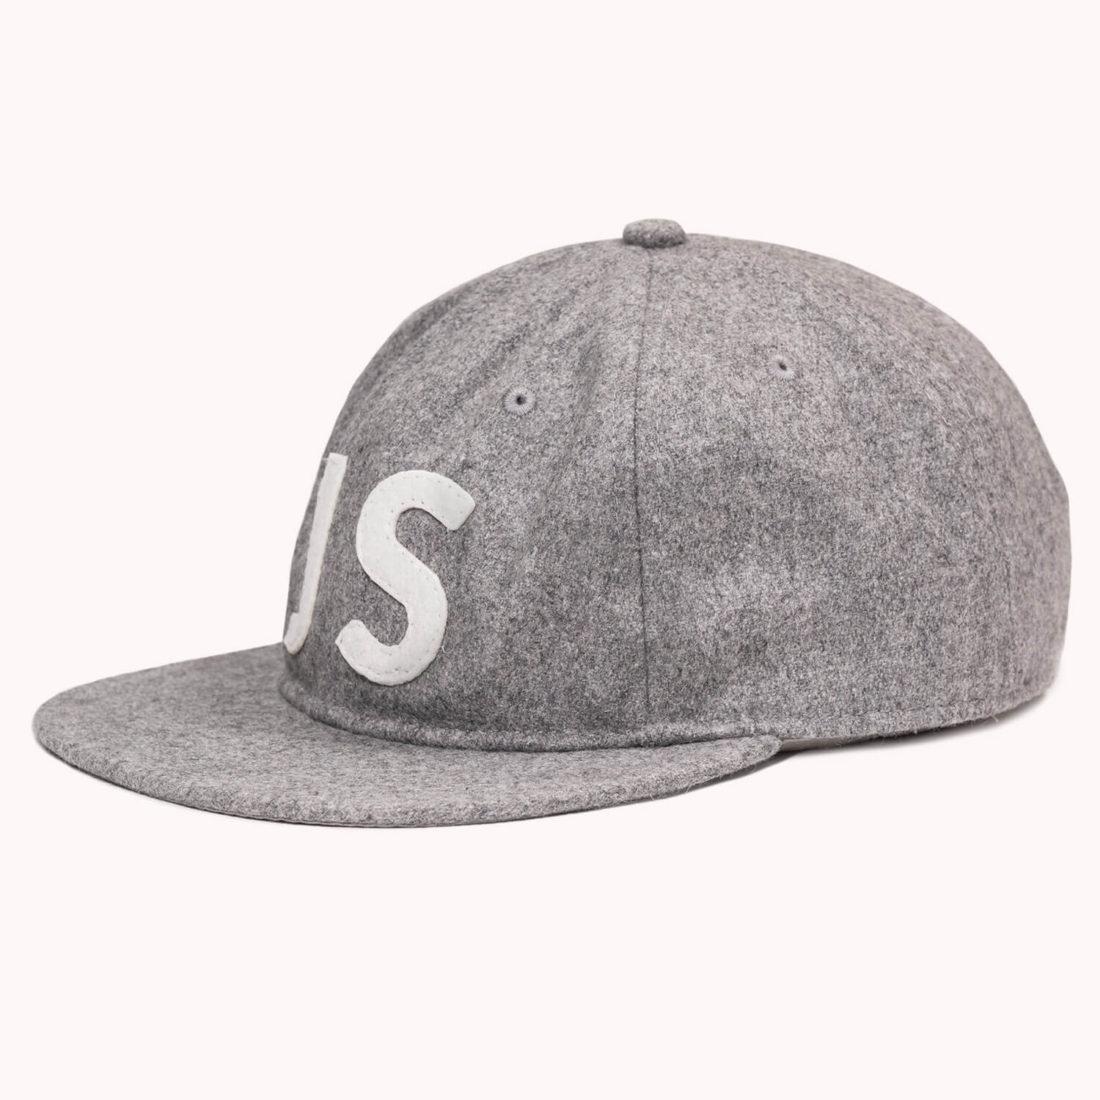 Team Hat - Steele 1